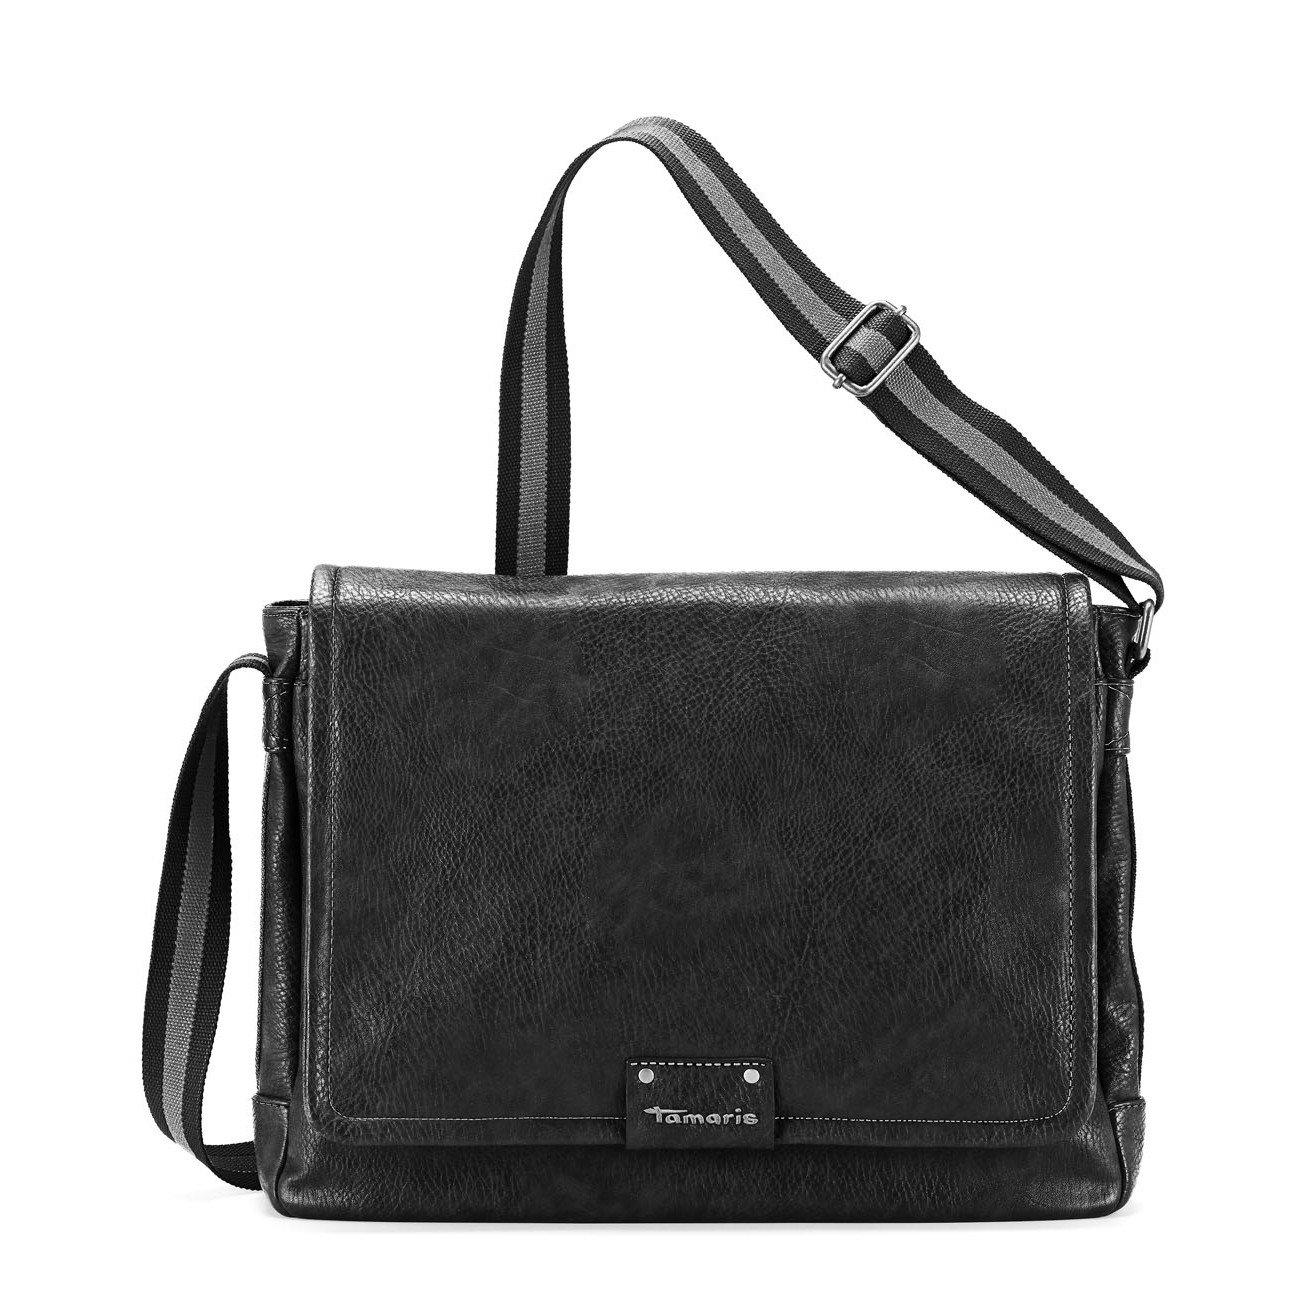 Tamaris KRIS Messengerbag, Schultertasche, bis DIN A4, 4 Farben: schwarz, cognac braun, mocca braun oder graphite grau